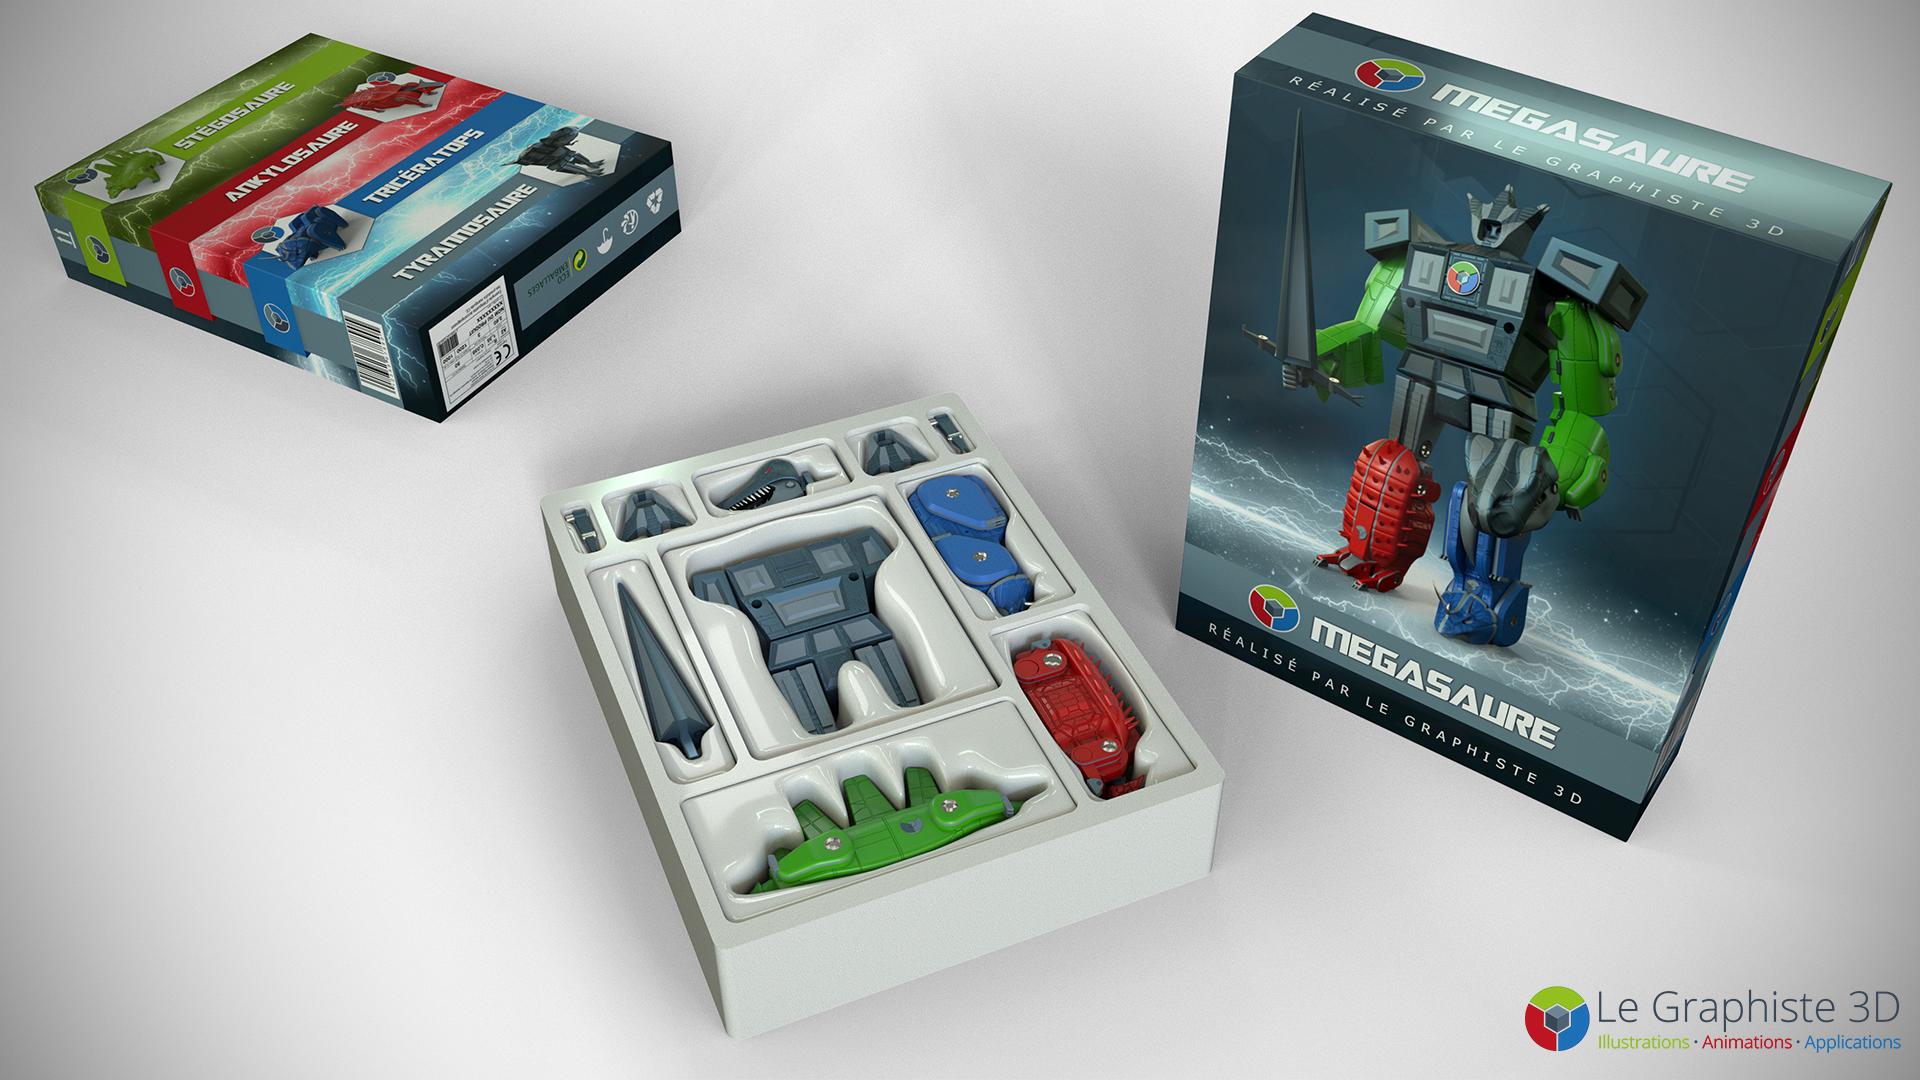 legraphiste3d - Packaging - Robot Mégasaure